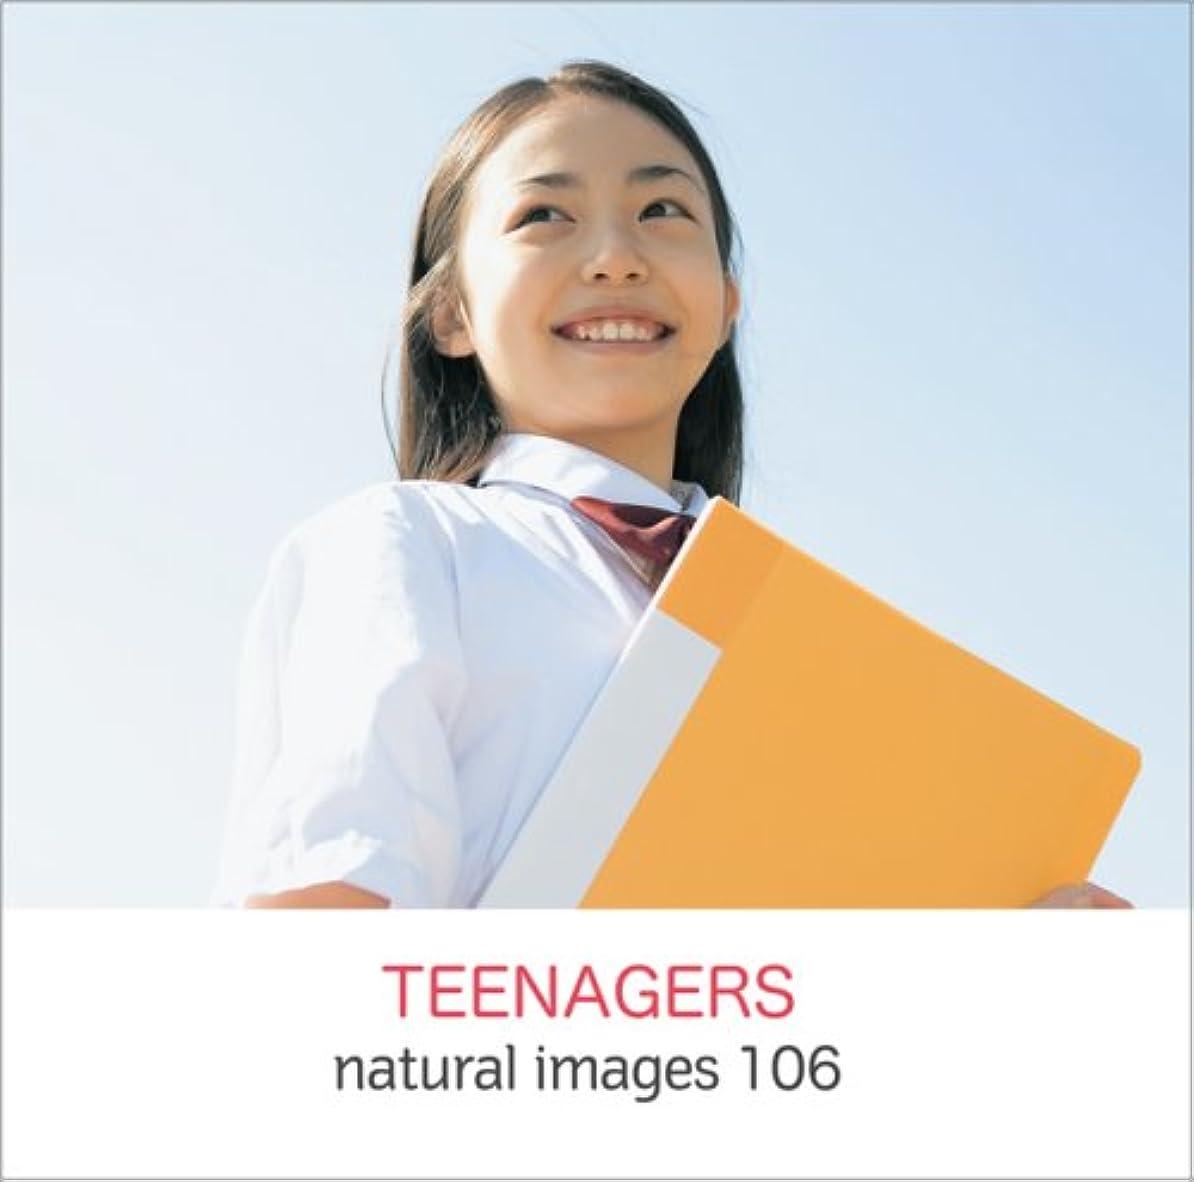 お別れ平らな誤ってnatural images Vol.106 TEENAGERS